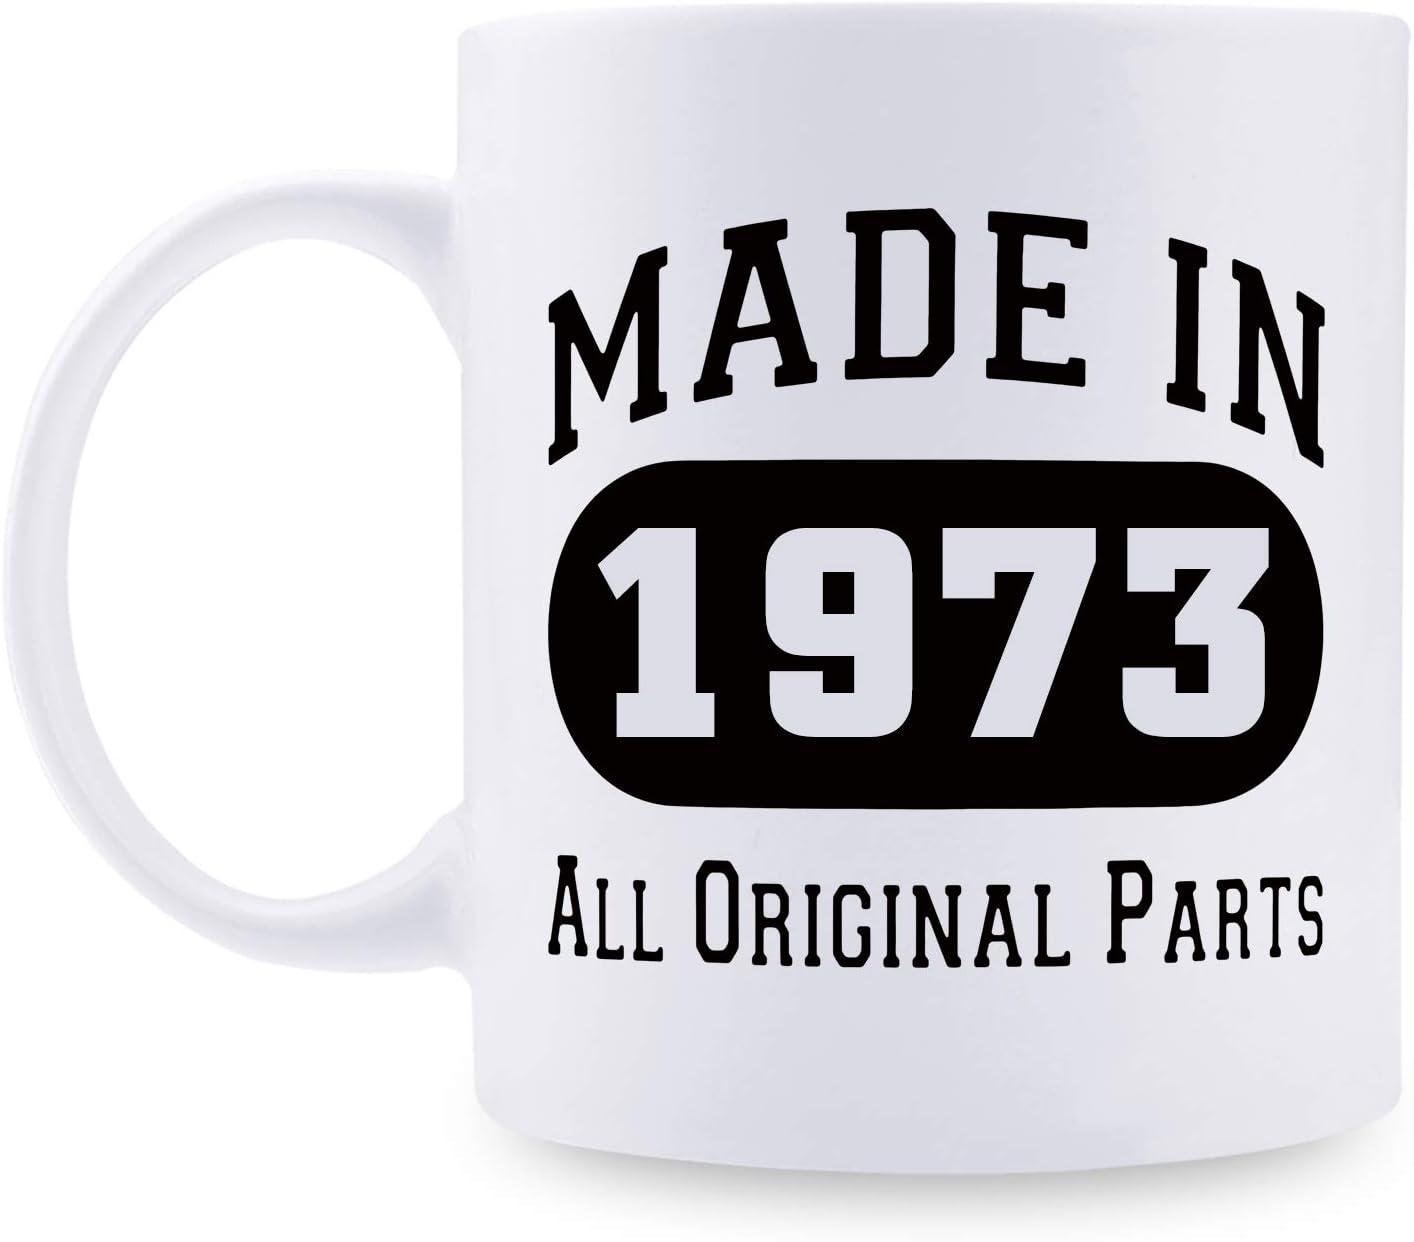 Regalos de cumpleaños 46 para hombres, regalo de cumpleaños de 1973 para hombres, regalo de 46 años de edad, taza de café para papá, marido, amigo, hermano, él, colega, compañero de trabajo – 11 oz